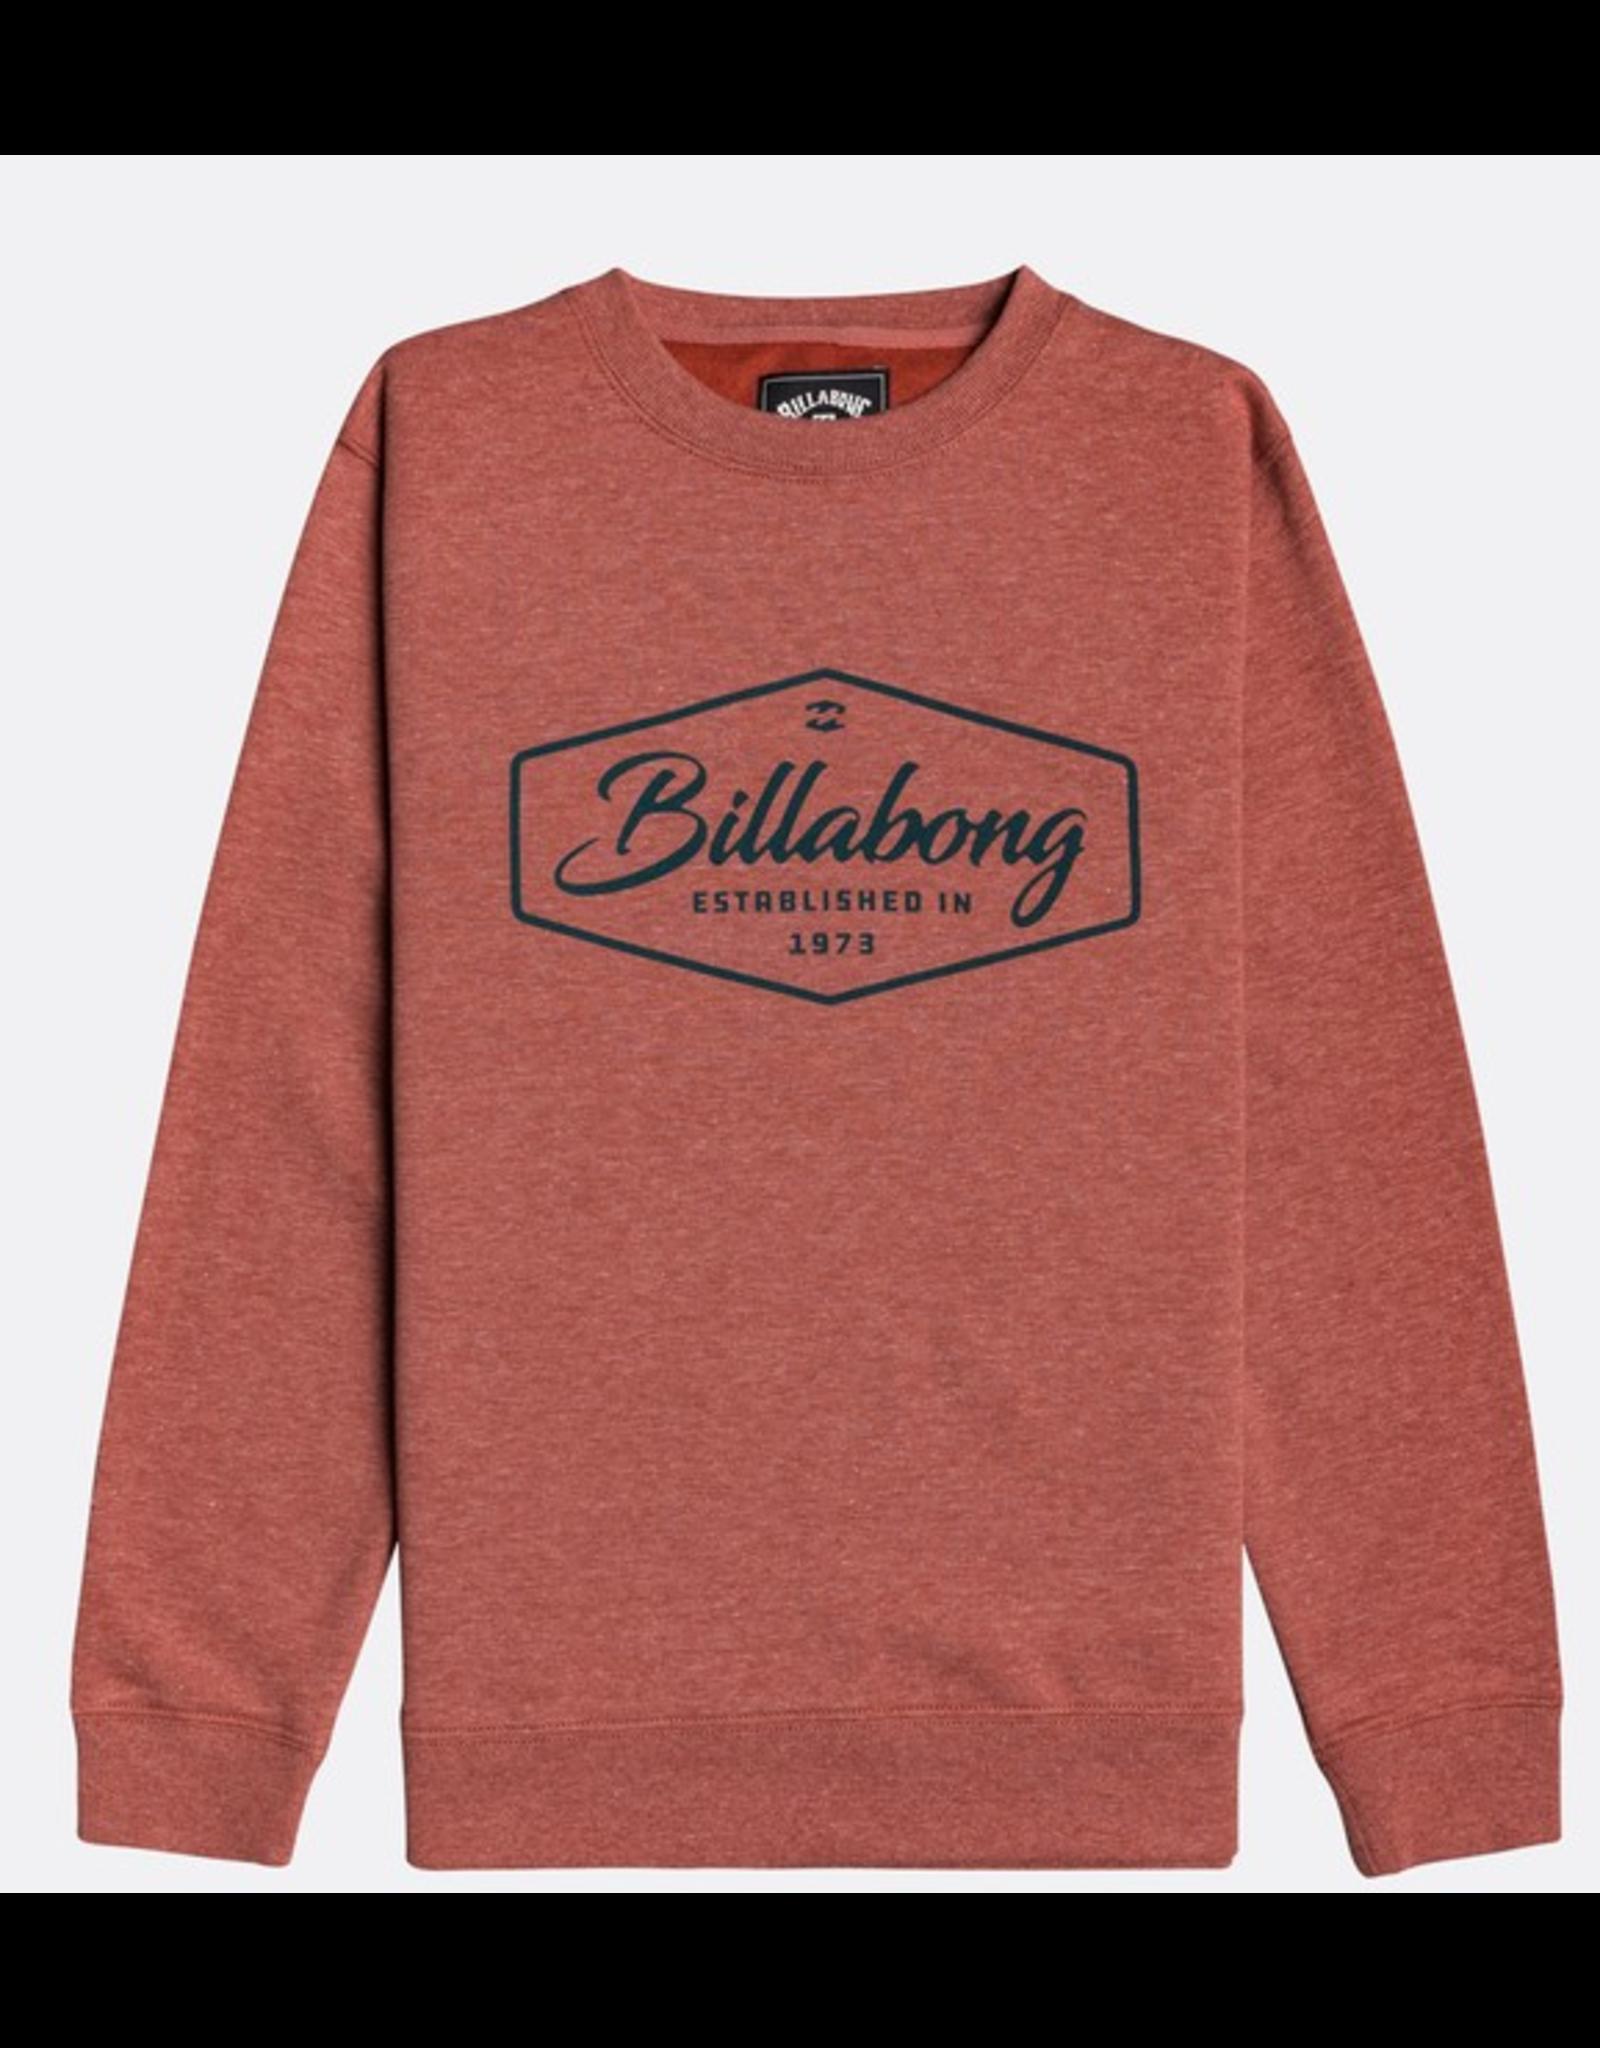 Billabong Trademark Kids